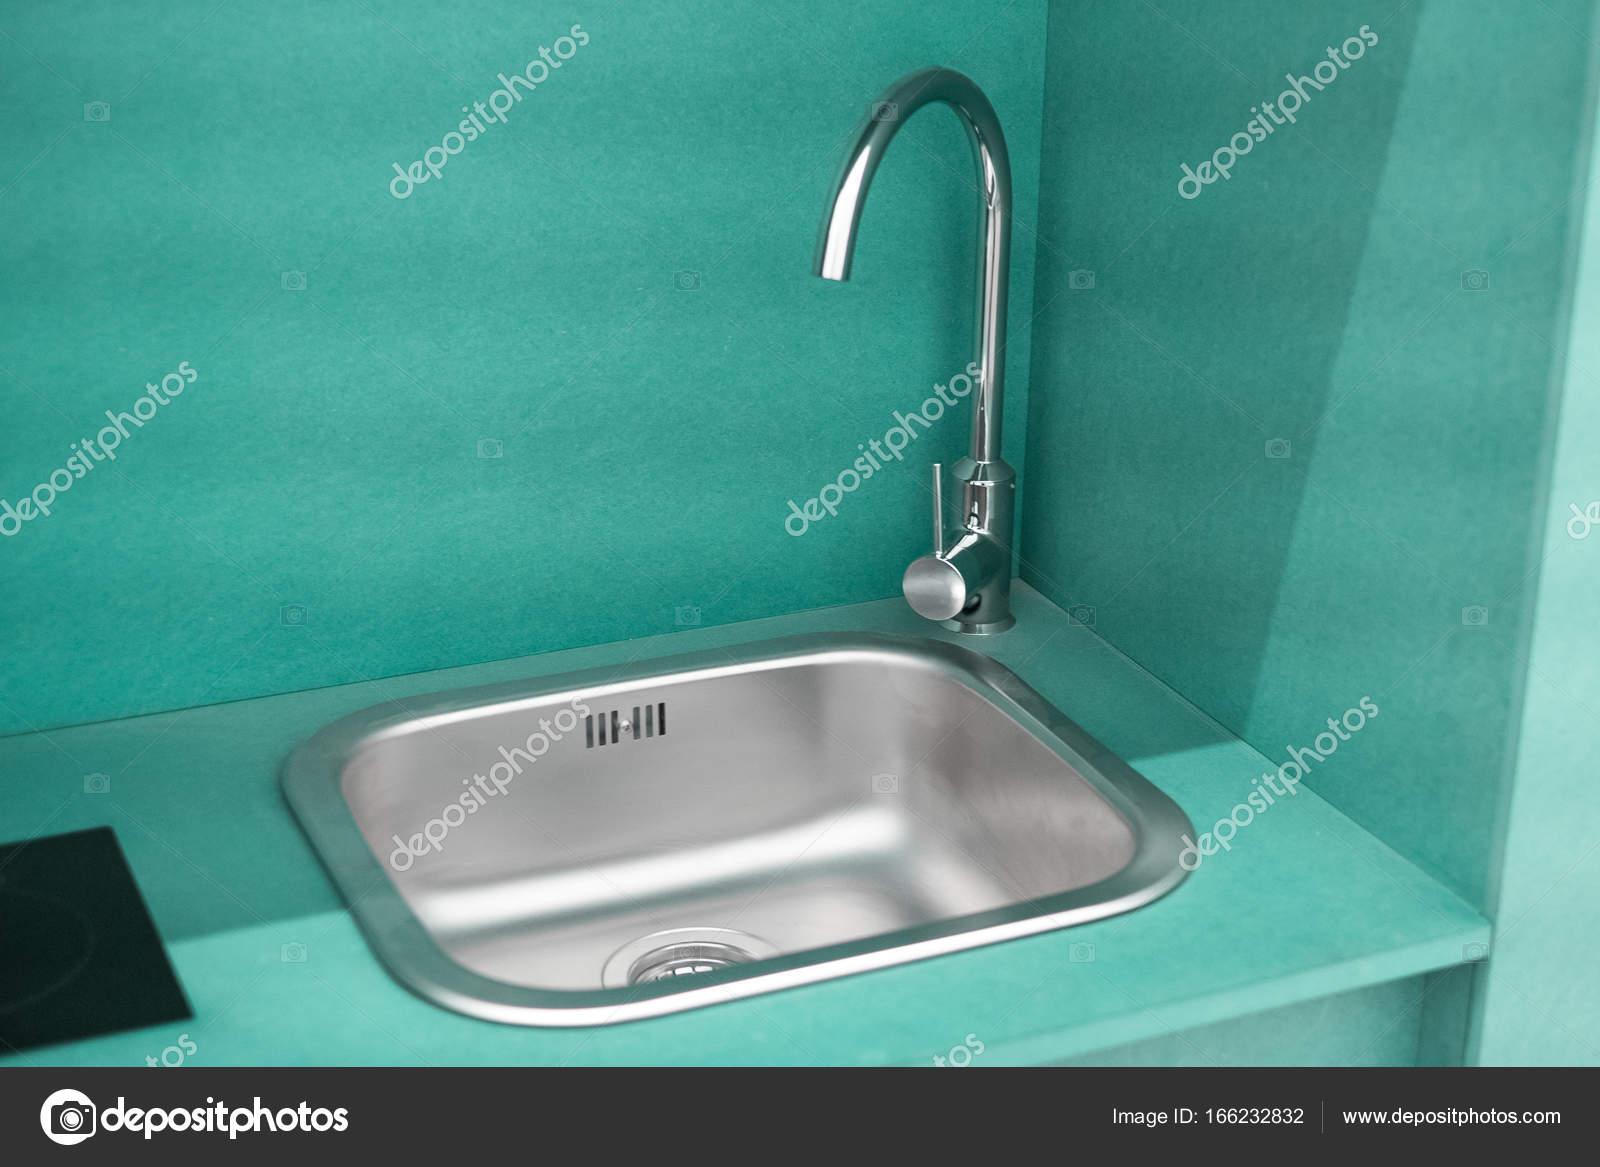 cheap kitchen sinks outdoor counter depth 小厨房的水槽 图库照片 c marvlc 166232832 欧洲不锈钢水槽和水龙头 低成本舒适小绿色厨房水槽与混合器 现代和更便宜的厨房 多彩厨房细节 不锈钢厨房的水槽 照片作者marvlc